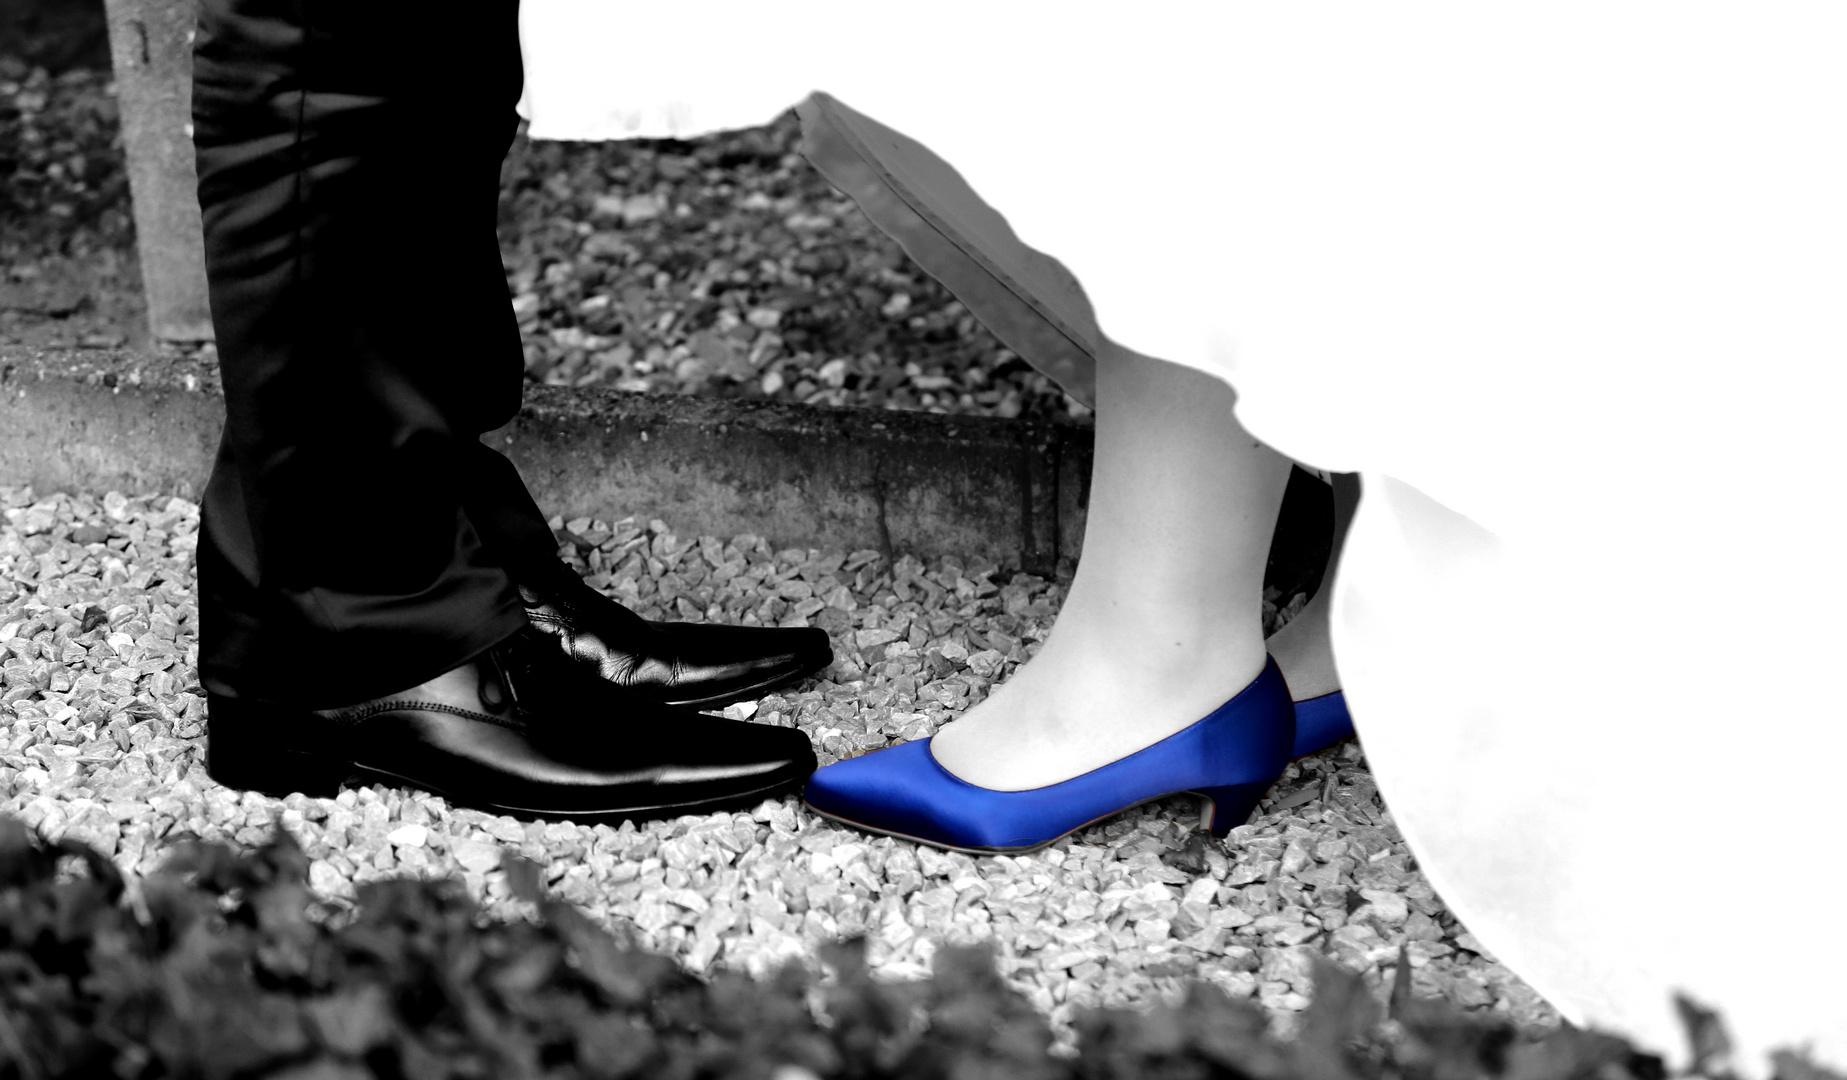 Blaue Brautschuhe :-)